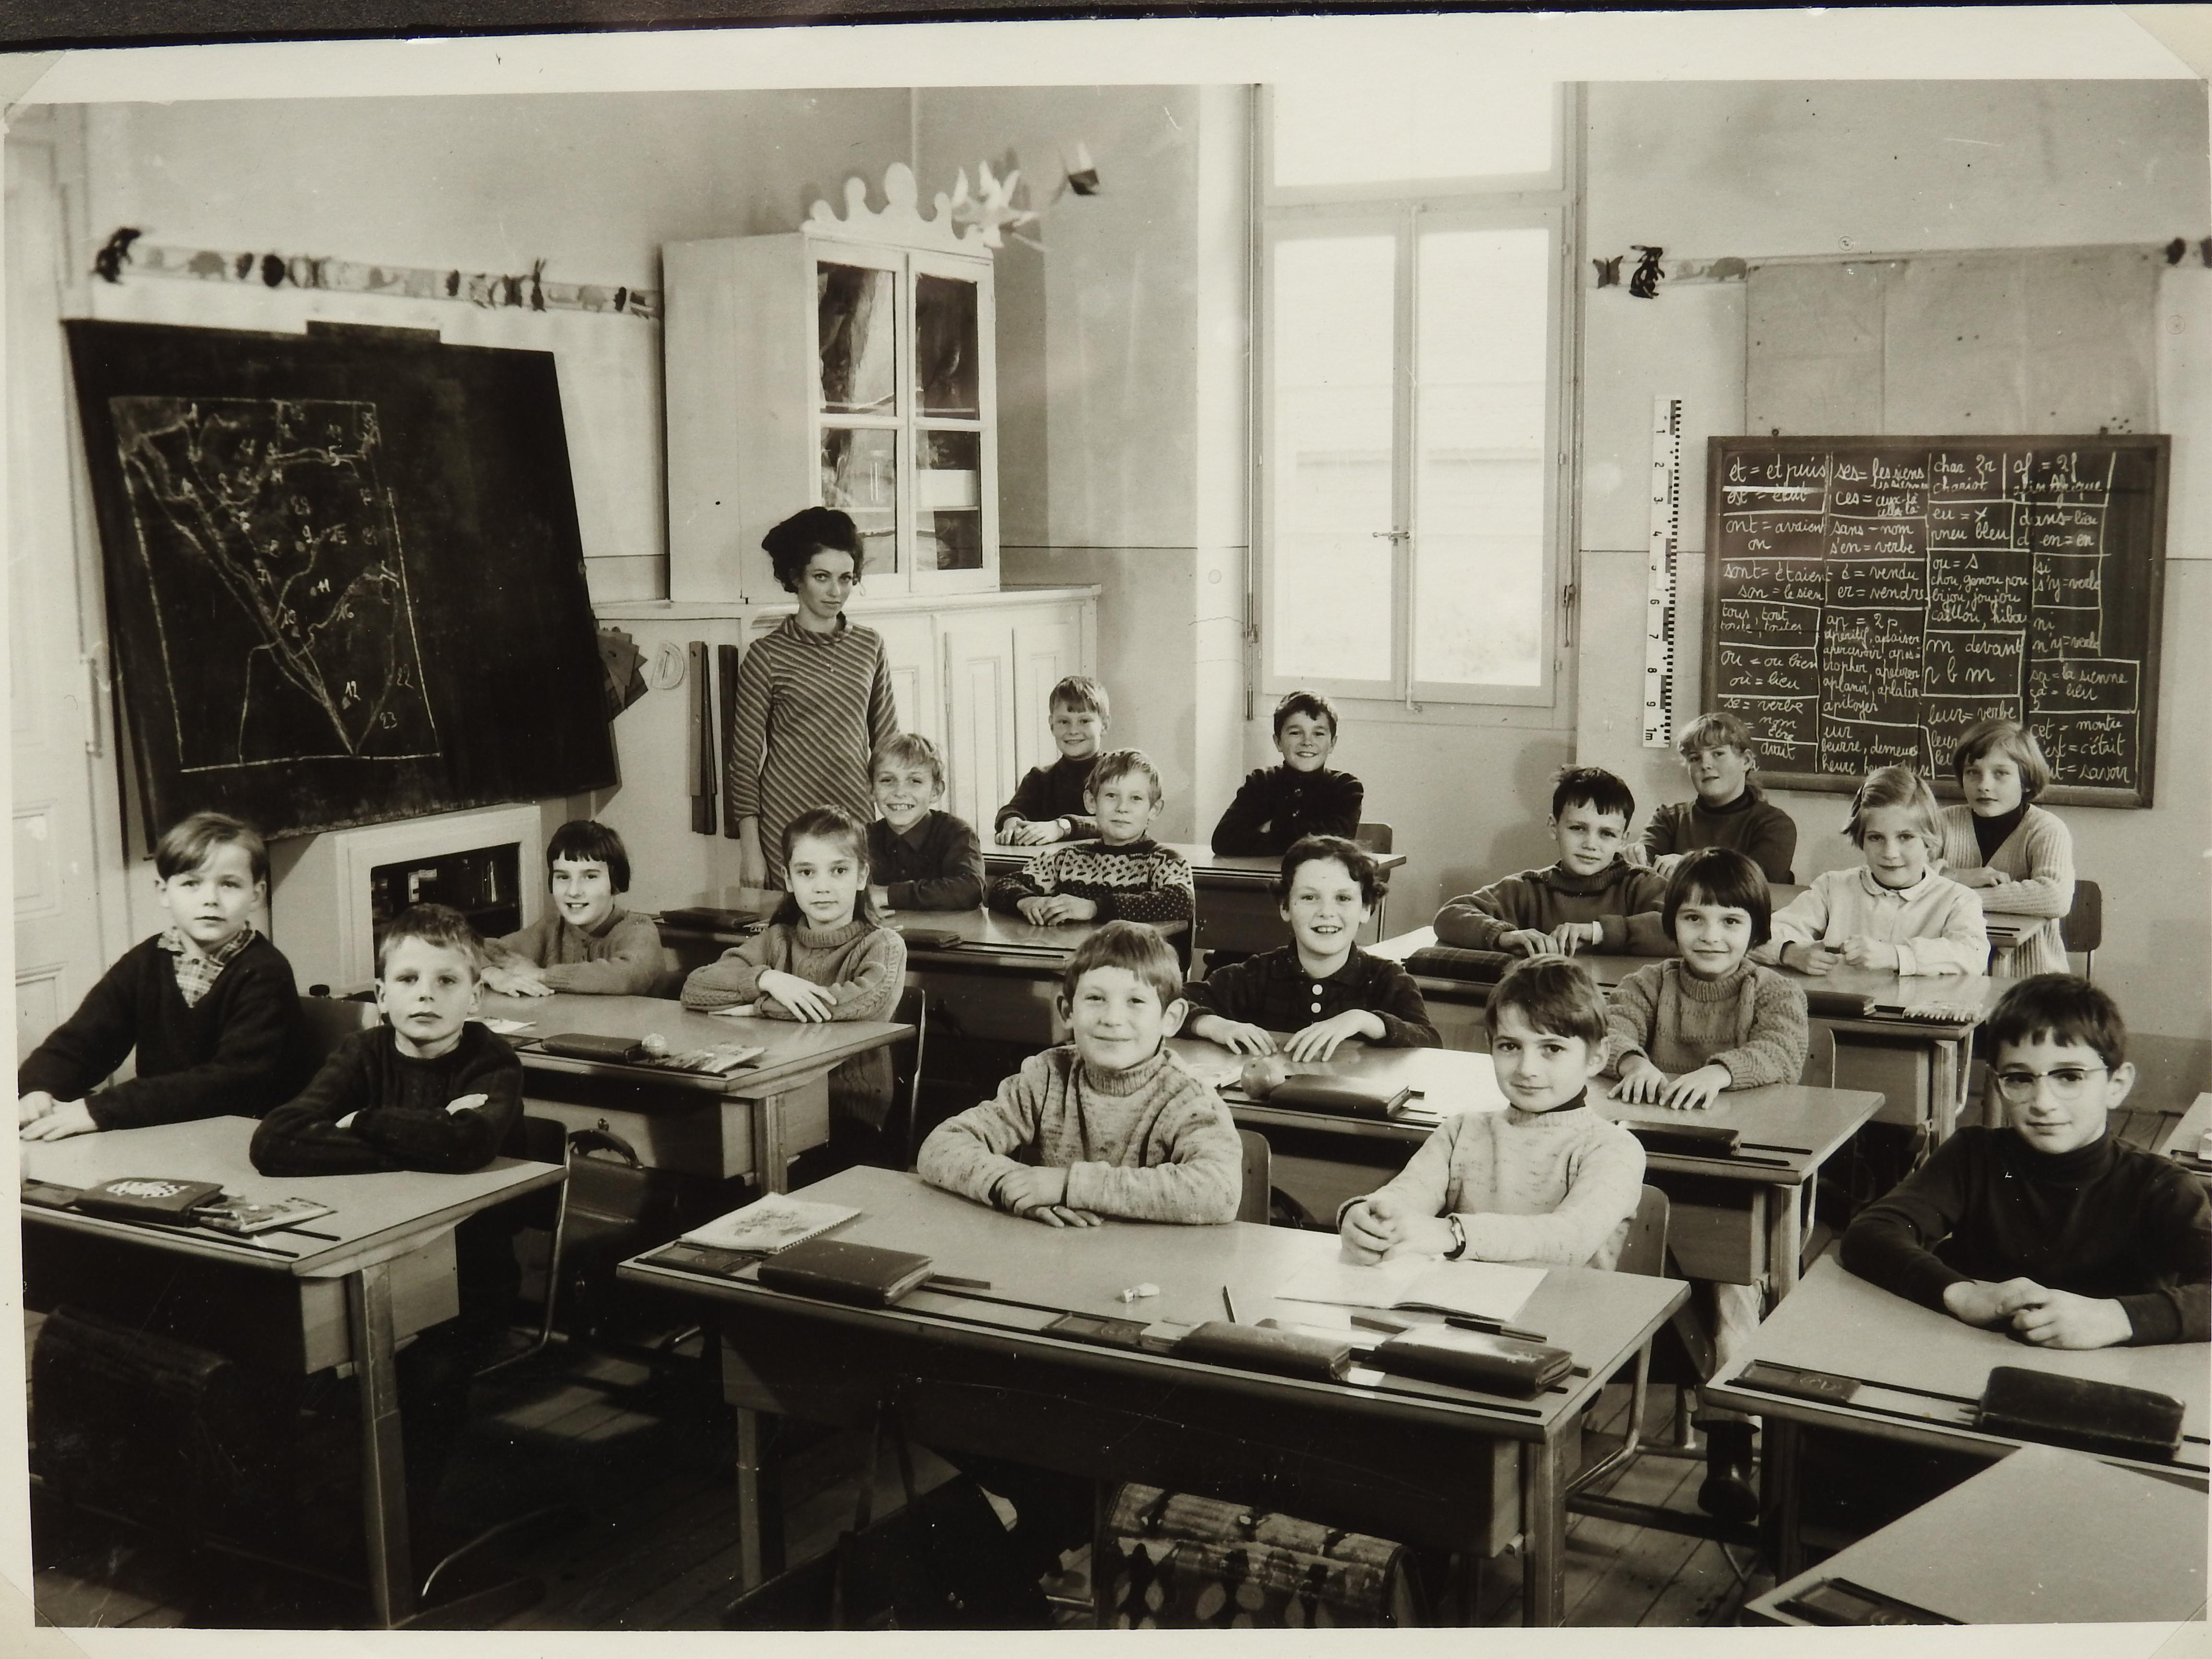 Bettens classe école 1967